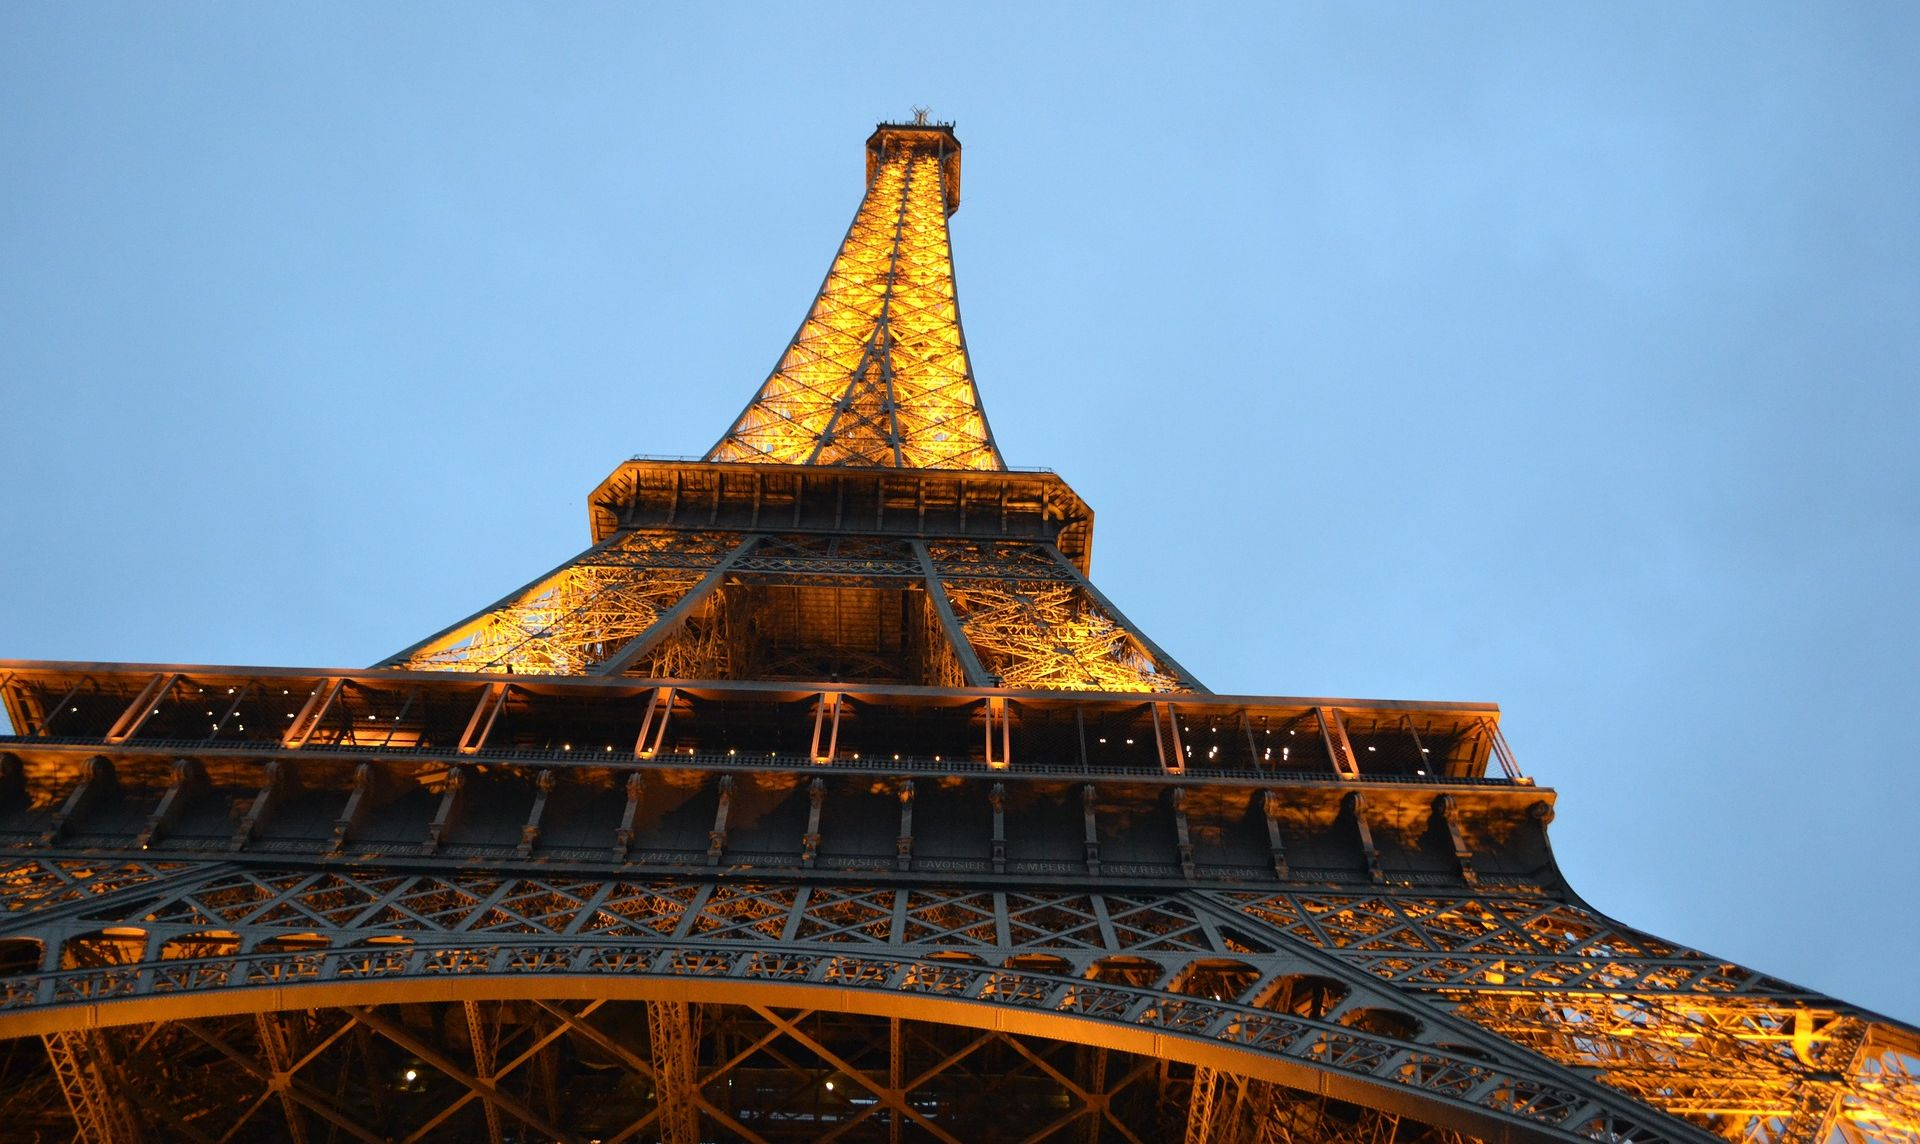 PARIZ Na kolodvoru uhićen muškarac s nožem, htio je napasti policajce